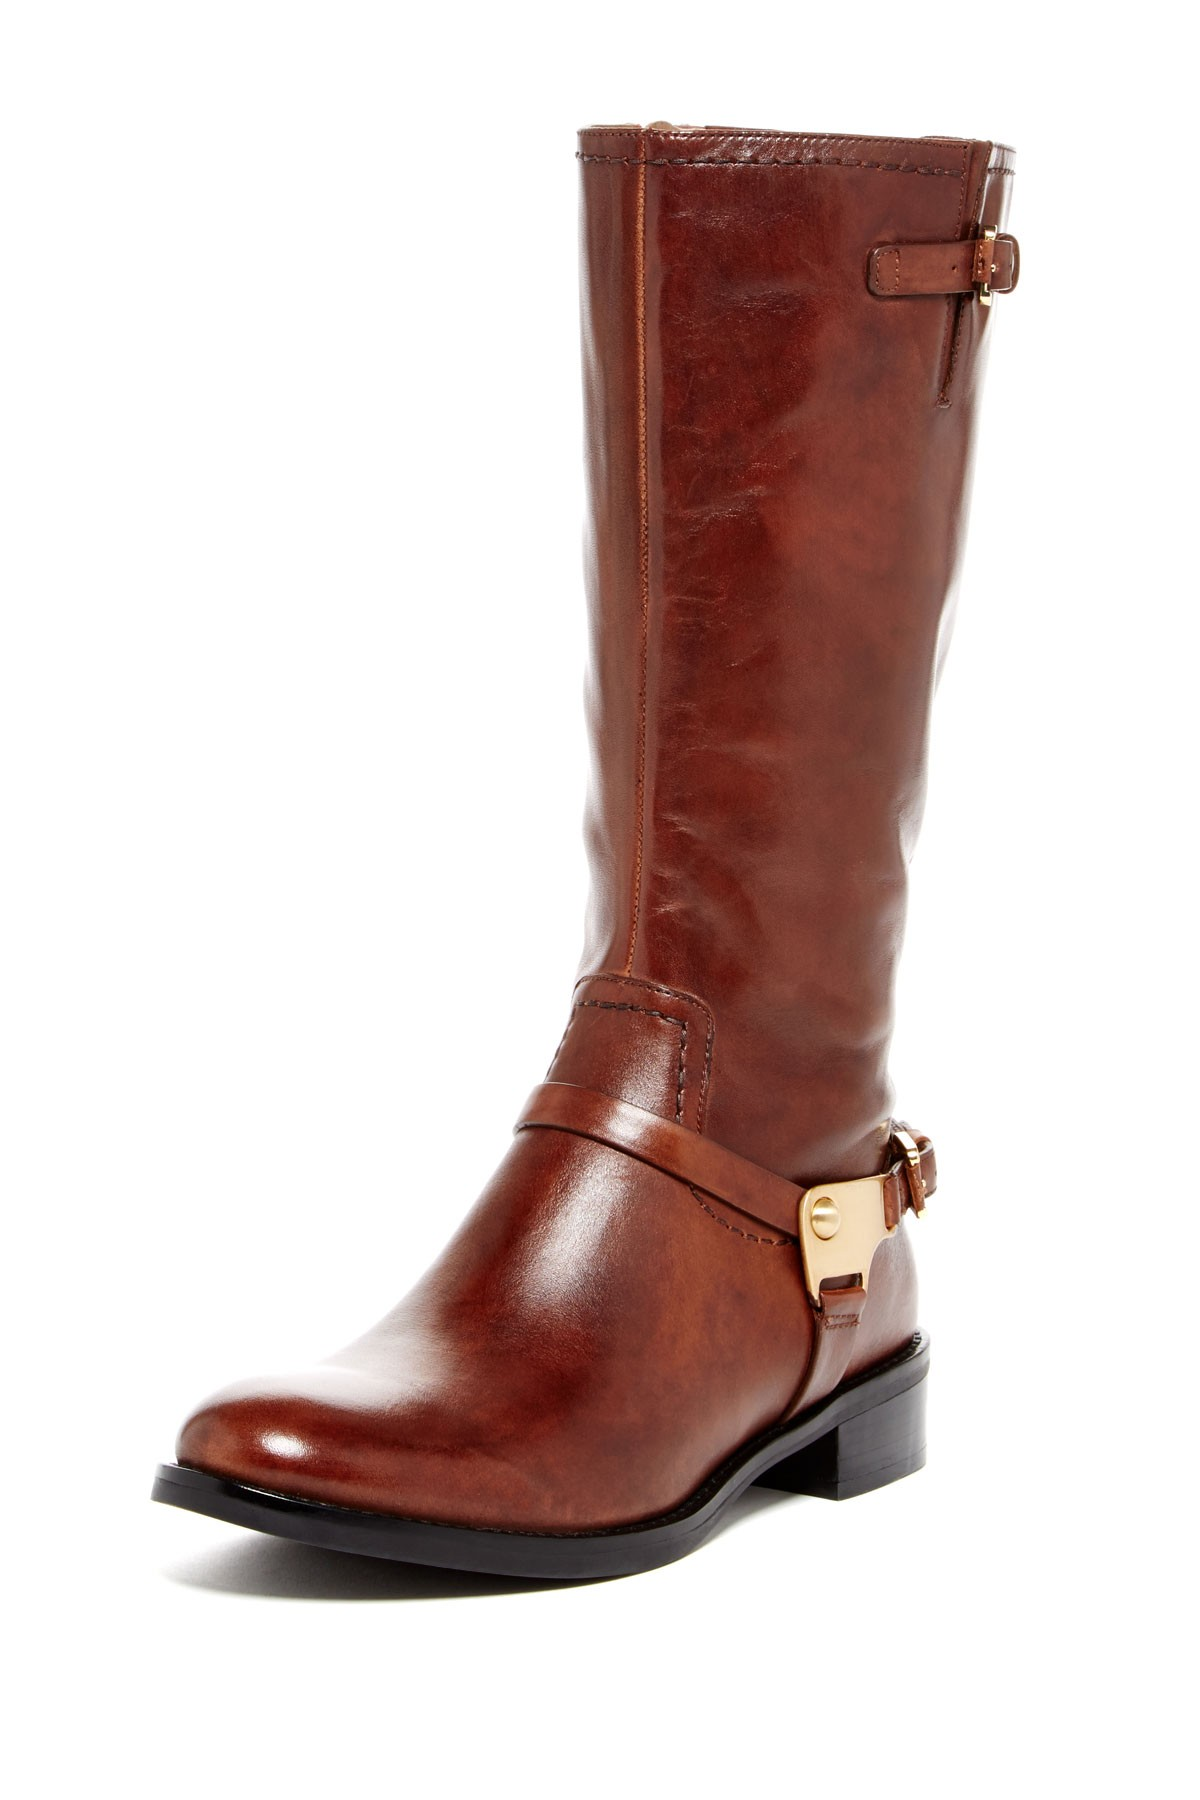 ECCO Womens 31039301014 Closed Toe Mid-Calf Fashion Boots by Ecco